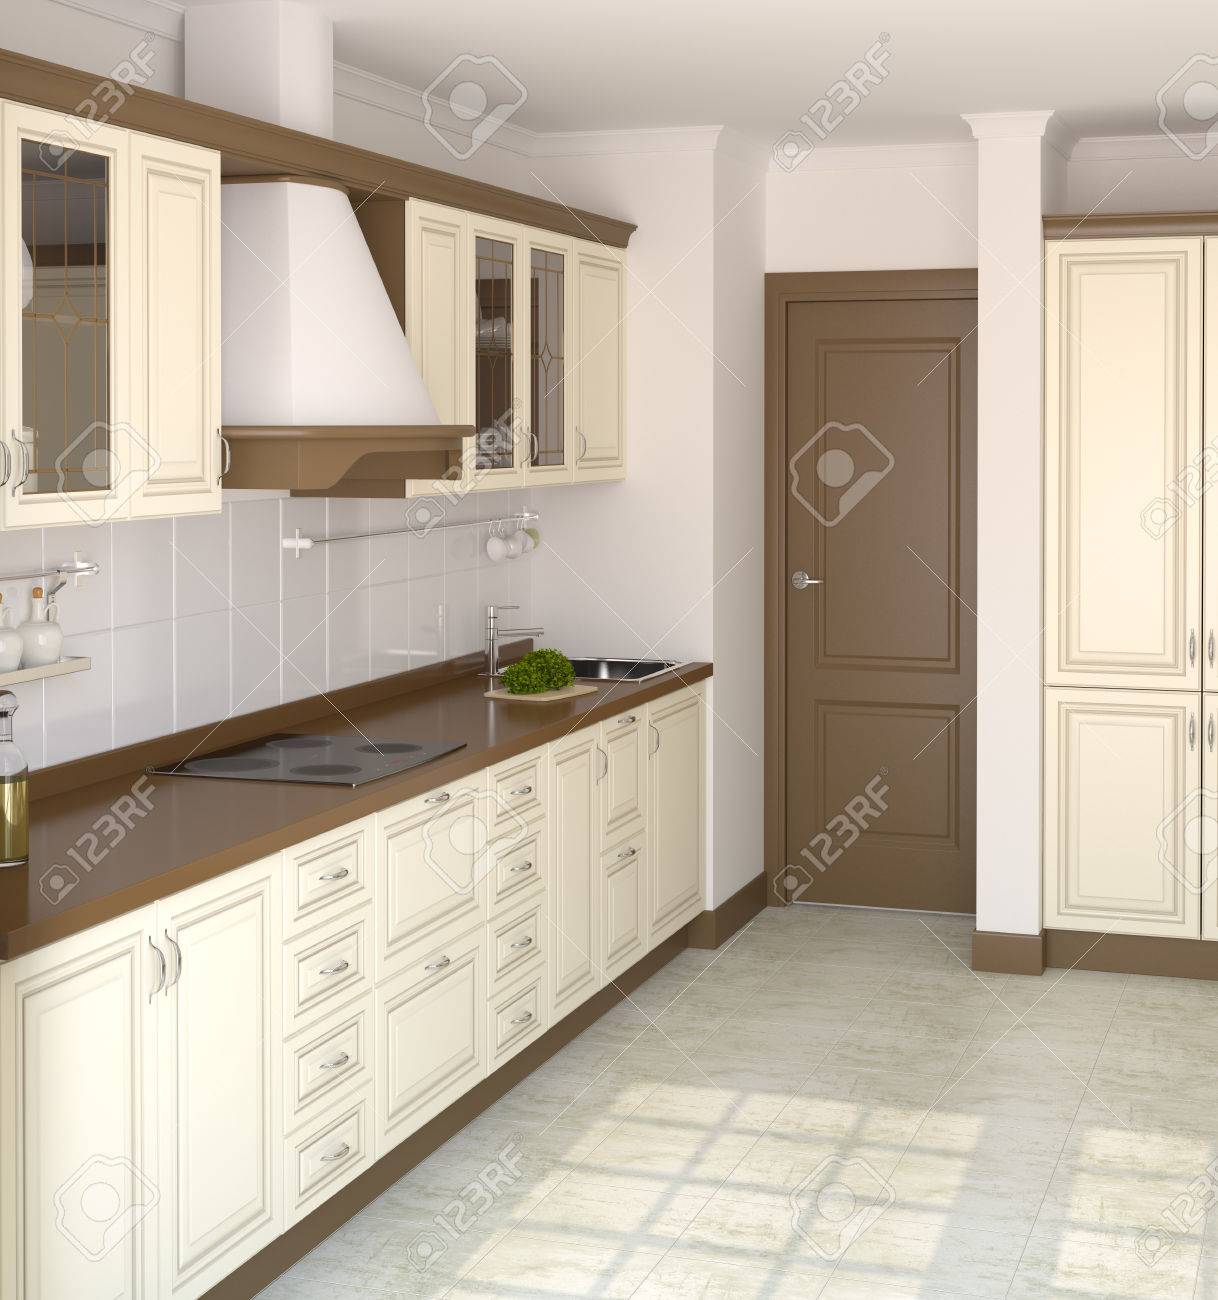 Cuisine blanche classique dans la maison moderne